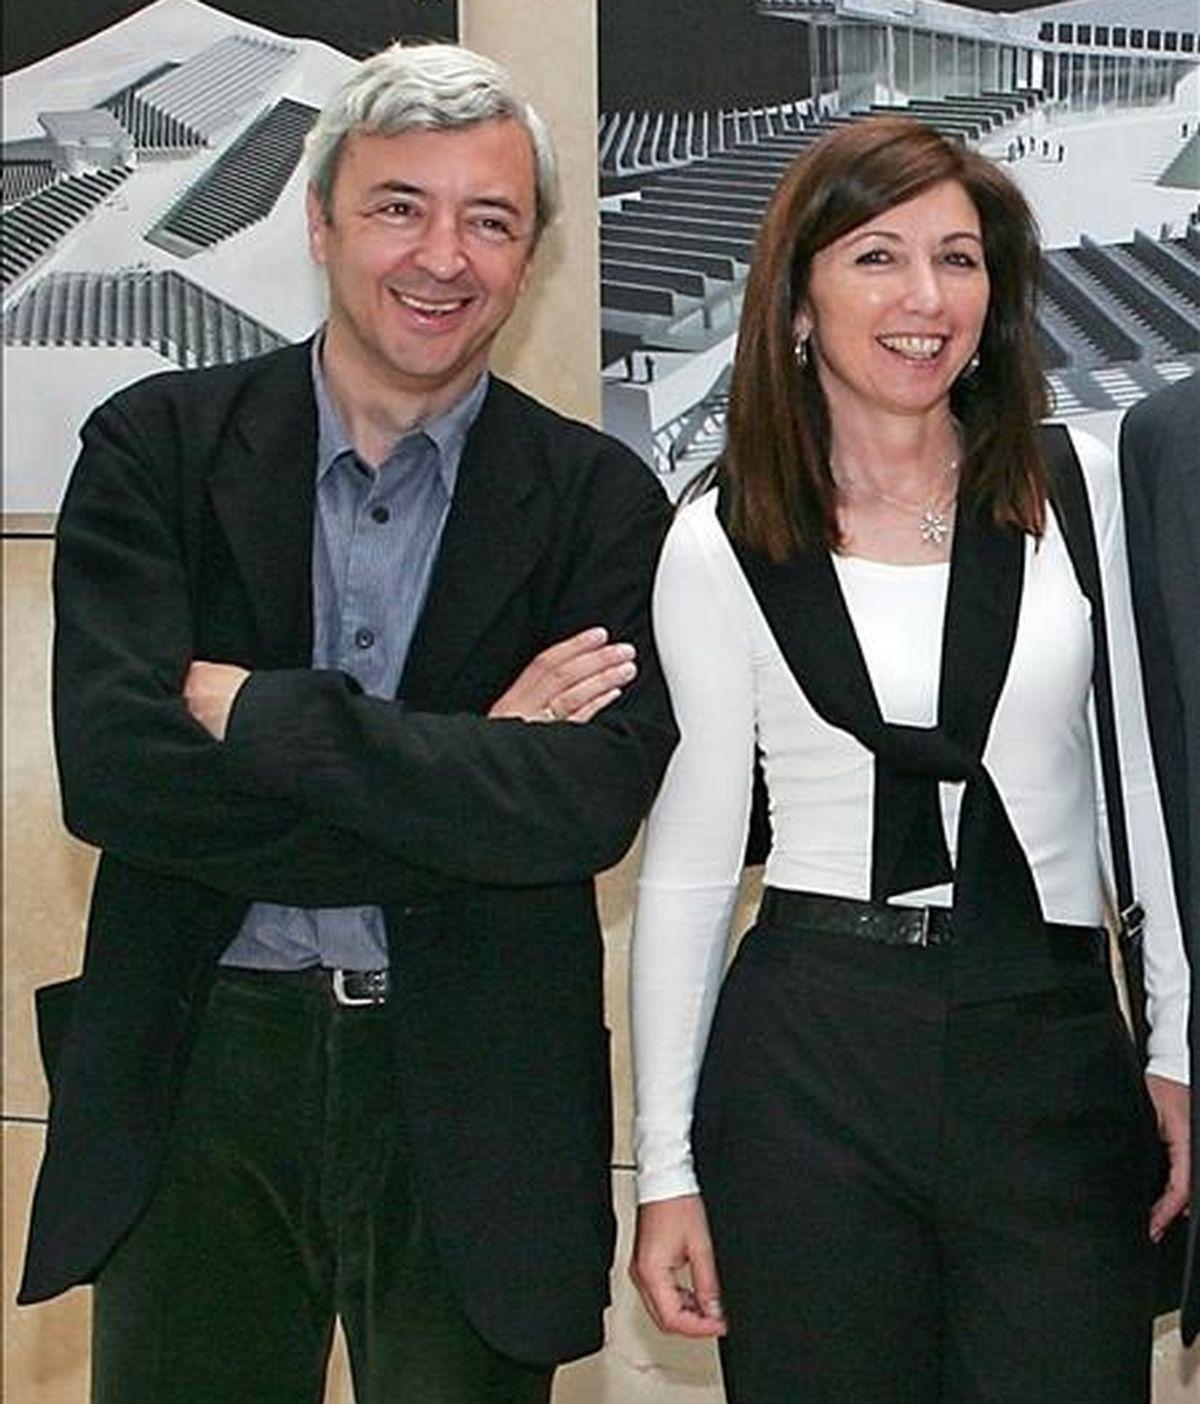 Foto de archivo del 26 de mayo de 2006 de los arquitectos Fuensanta Nieto de la Cierva (d) y Enrique Sobejano (i) quienes contruirán el Centro Nacional de la Artes Audiovisuales. EFE/Archivo